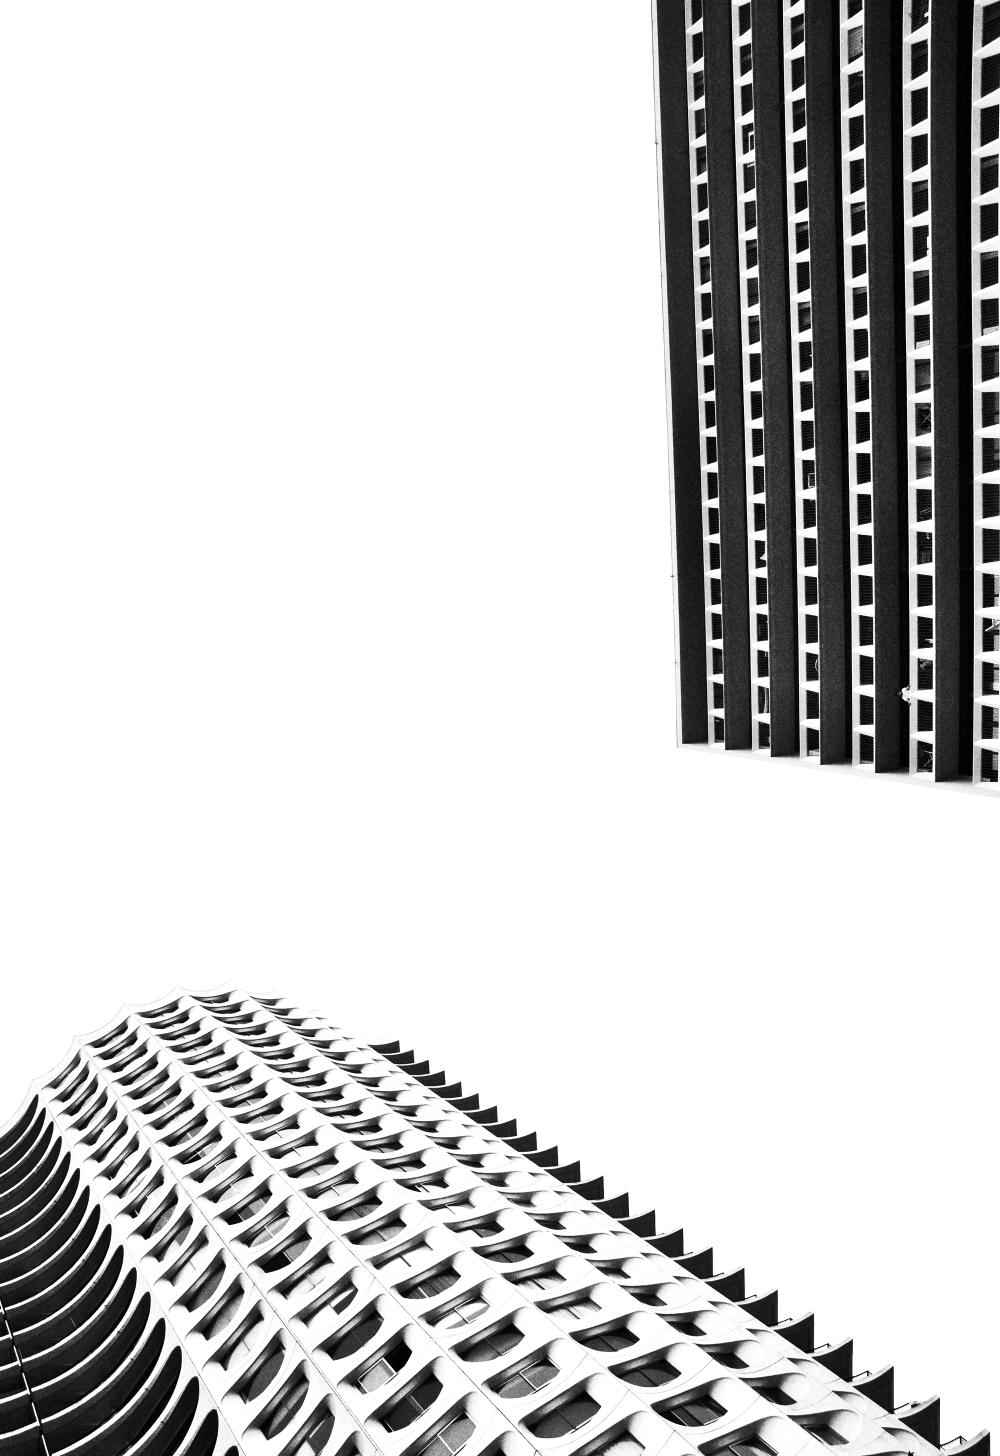 Géométrie architecturale #1